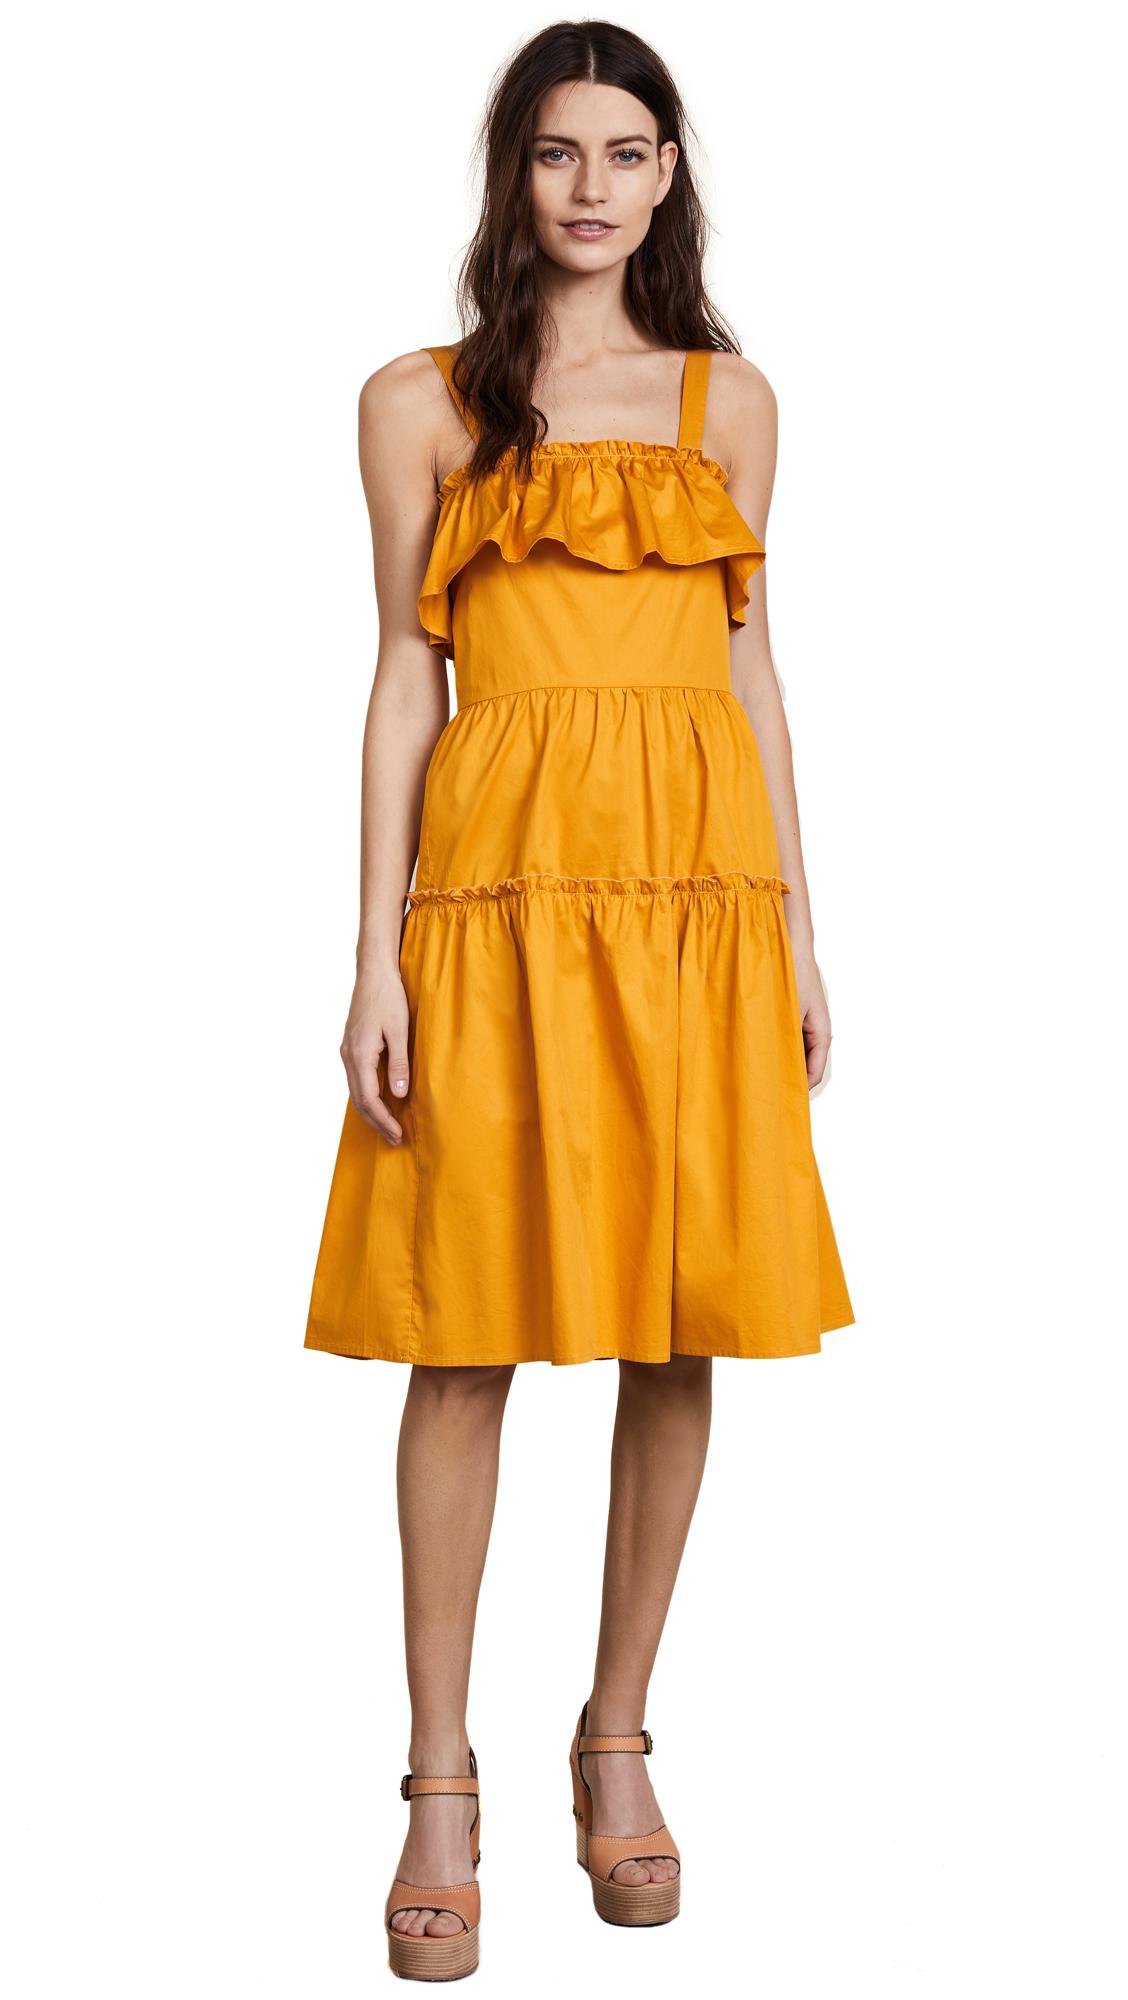 Cynthia Rowley Wallfower Dress